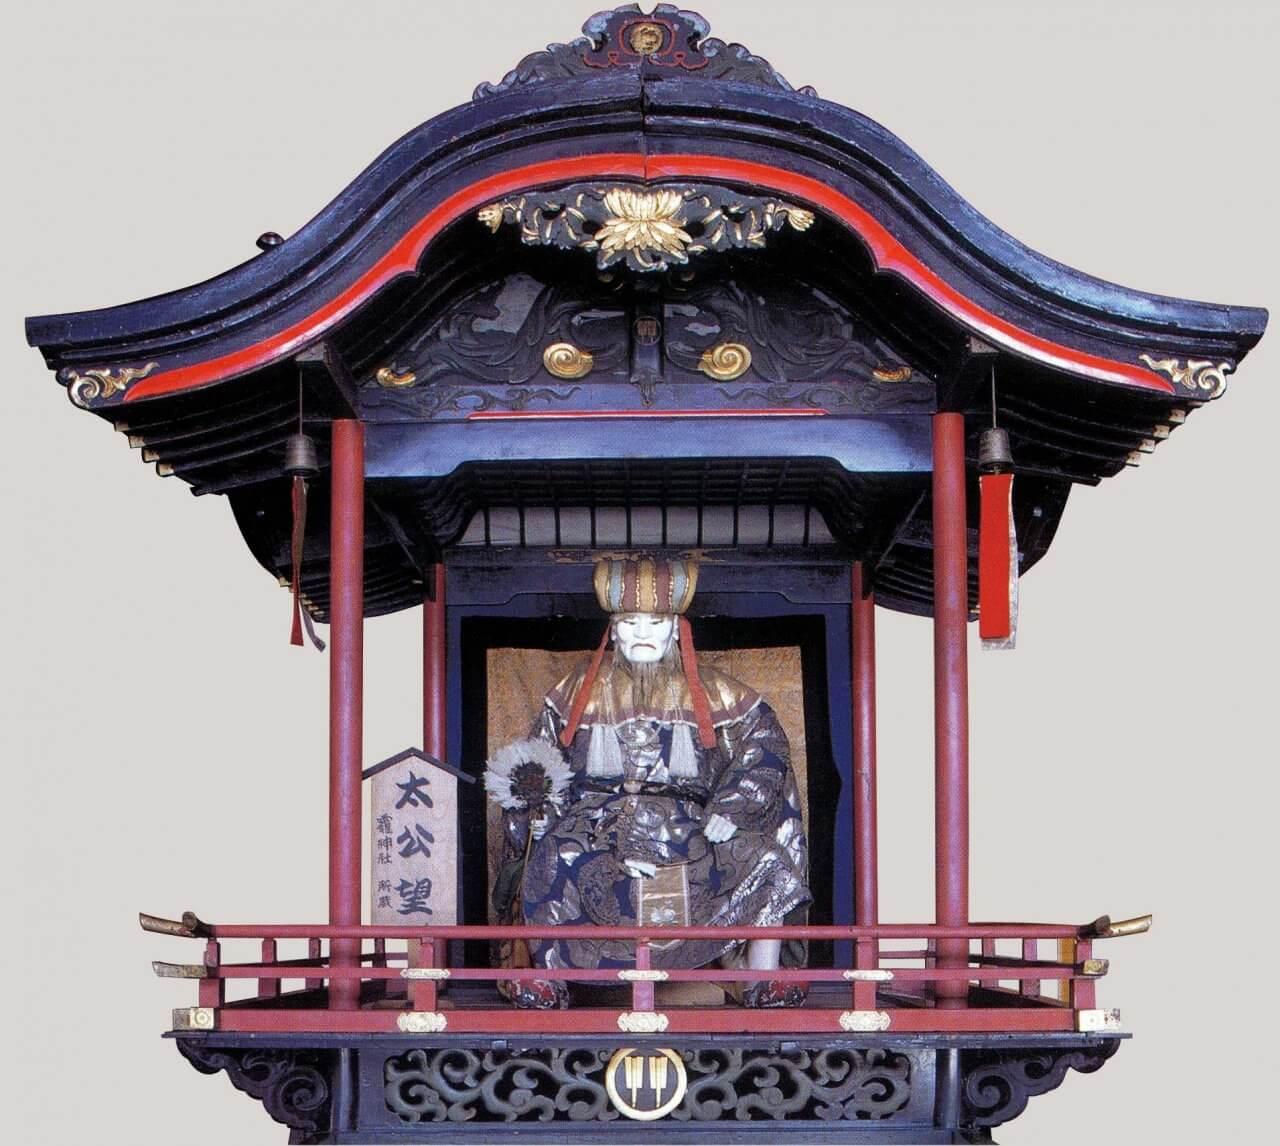 太公望と屋台一式(人形、屋台、飾り幕)